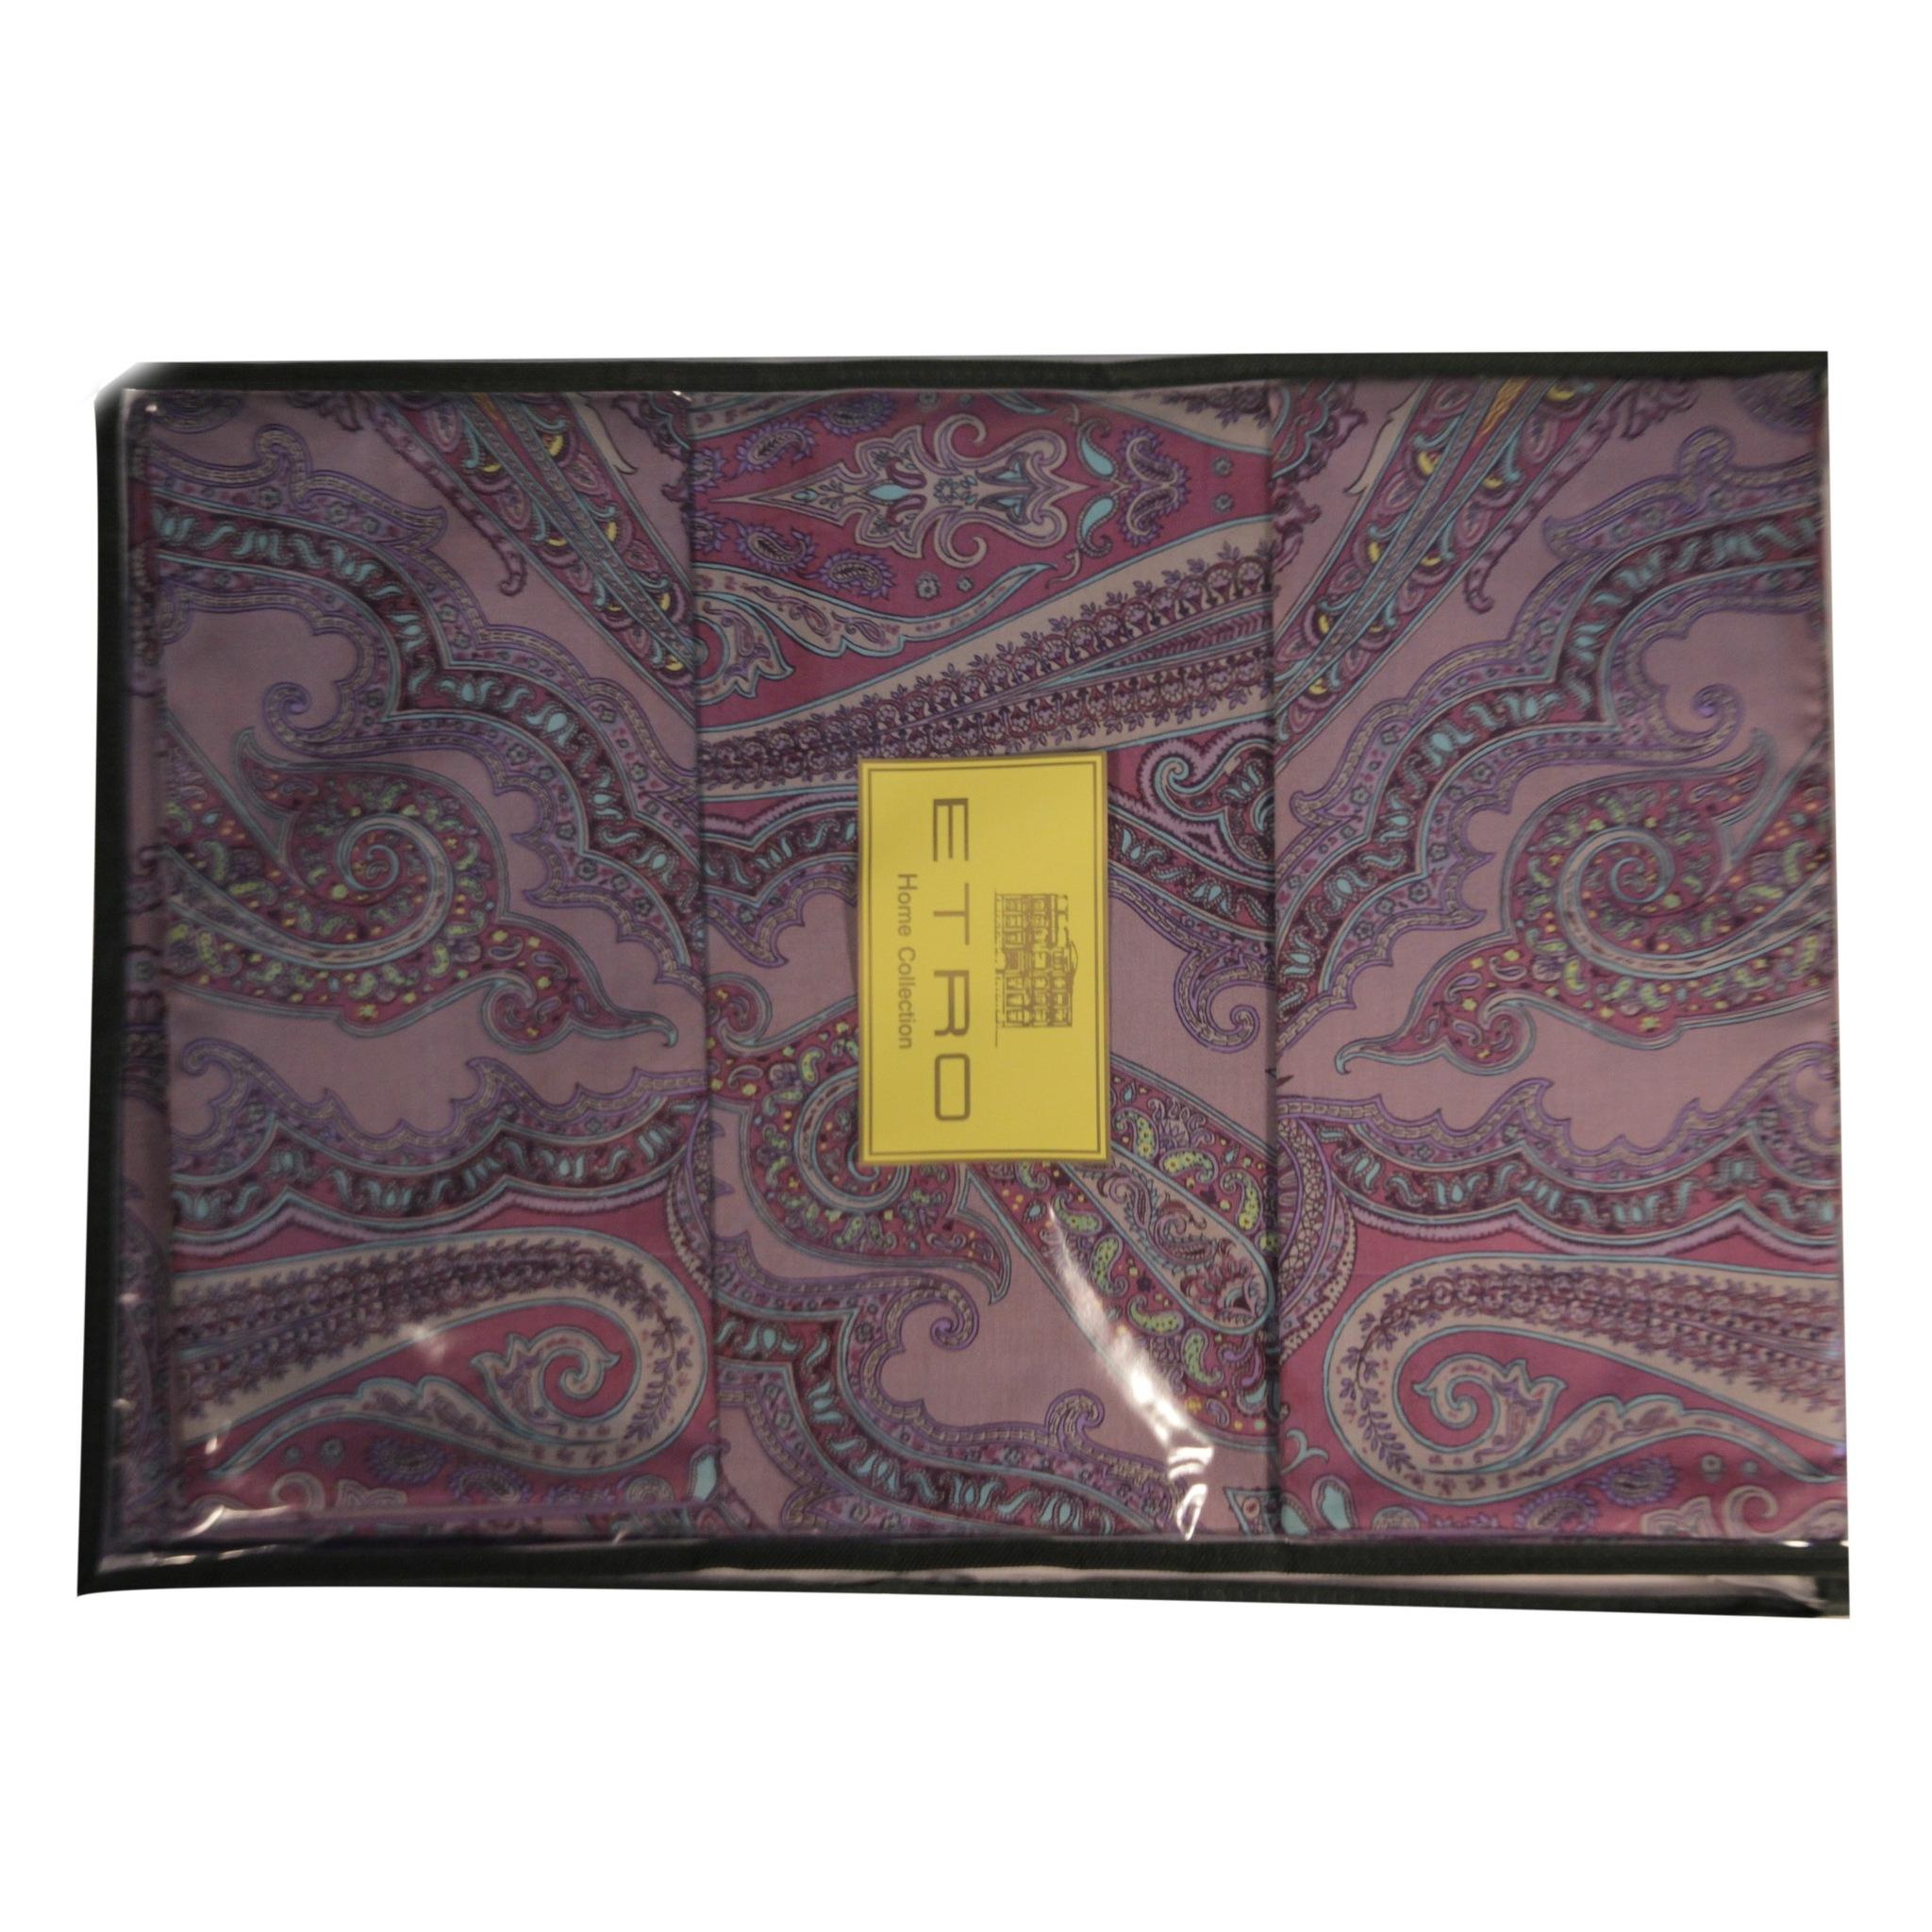 Комплект постельного белья. Цвет бежевый/фиолетовый ETRO